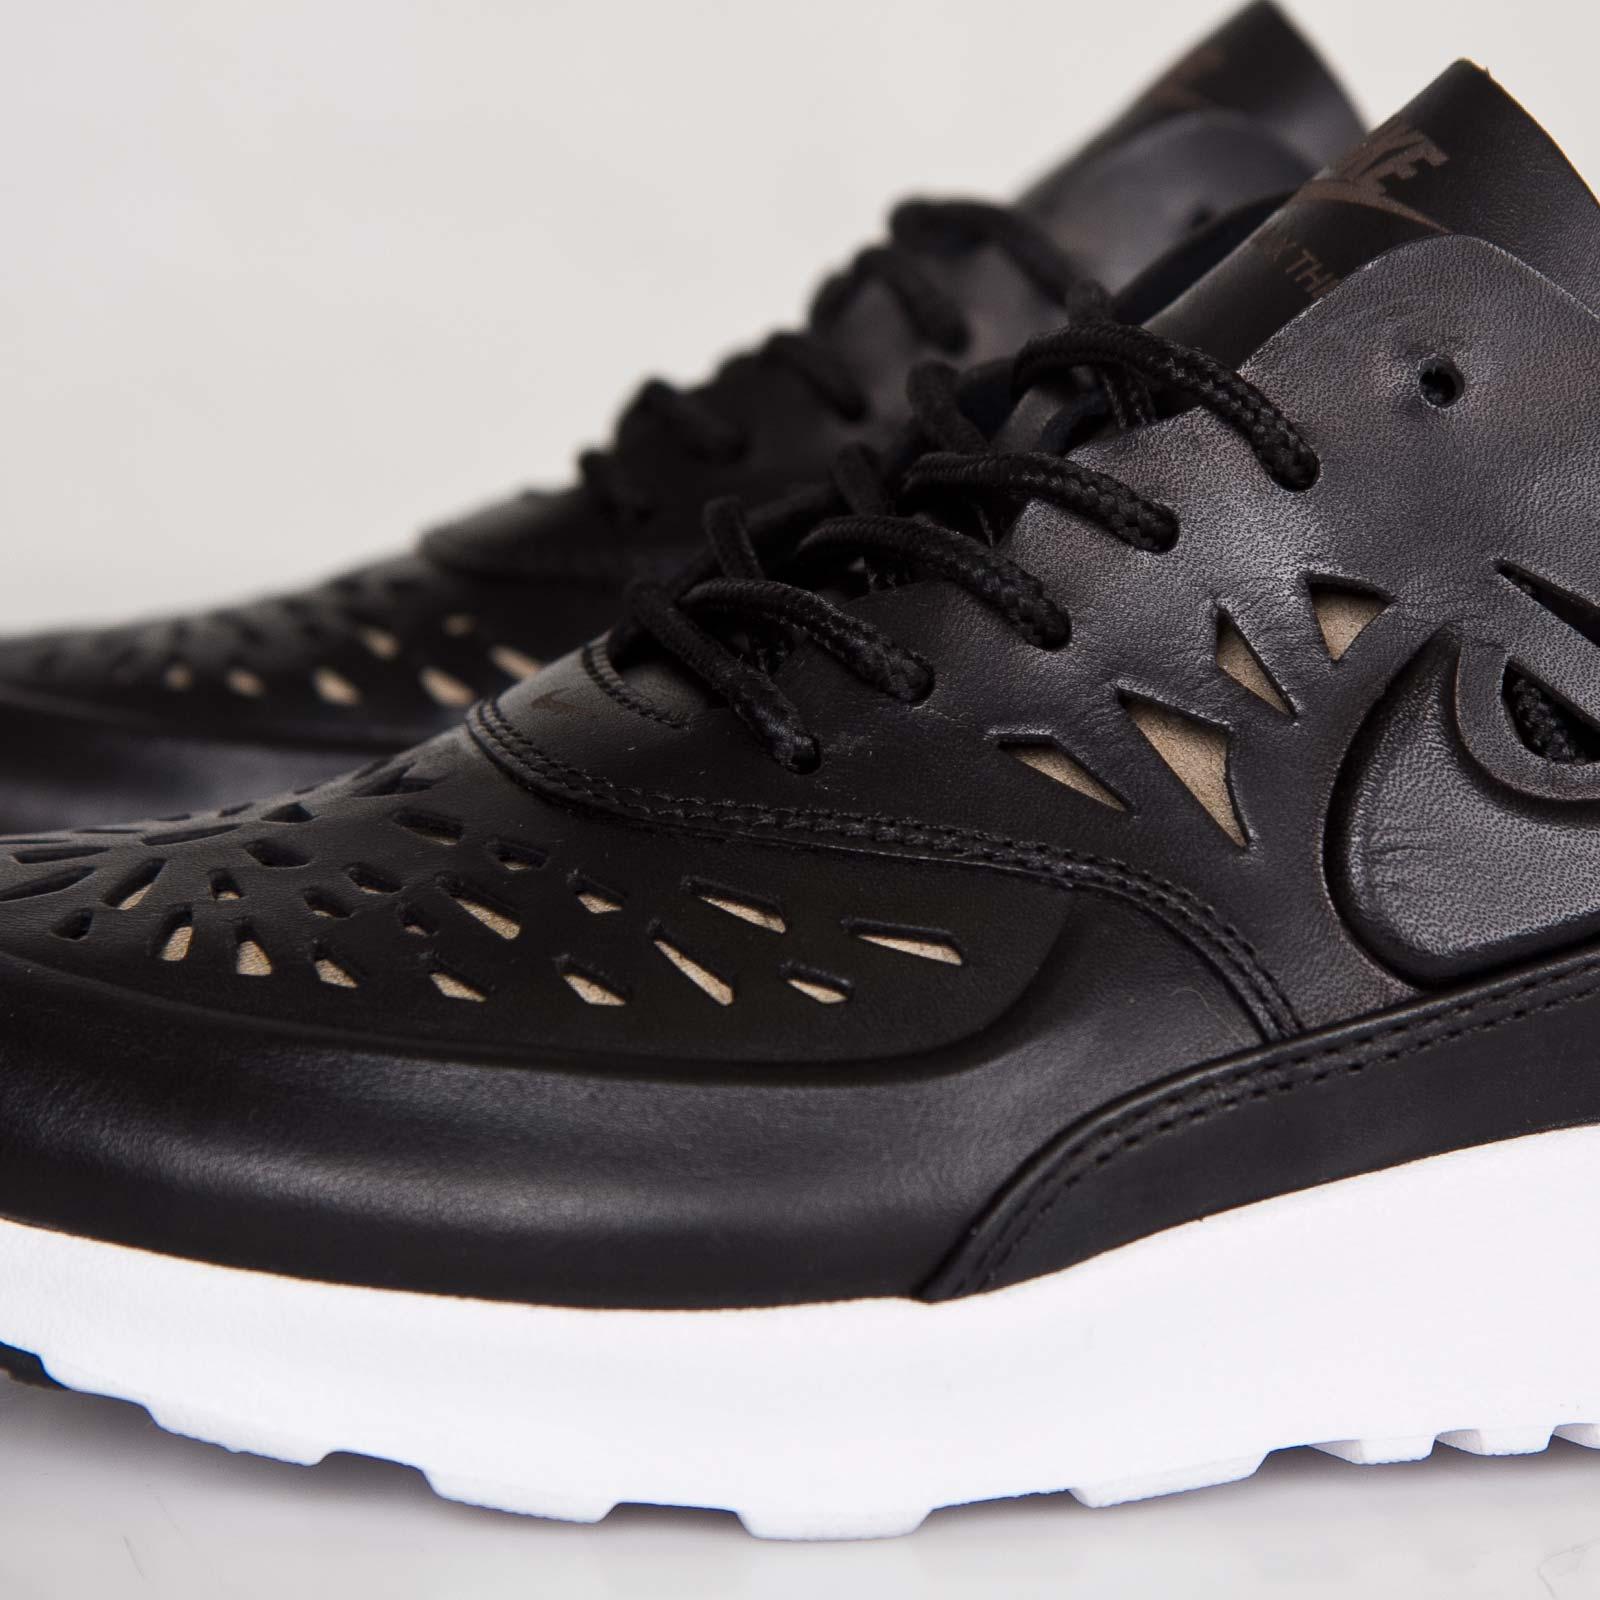 online store 50a1b 19f41 ... Nike W Air Max Thea Joli